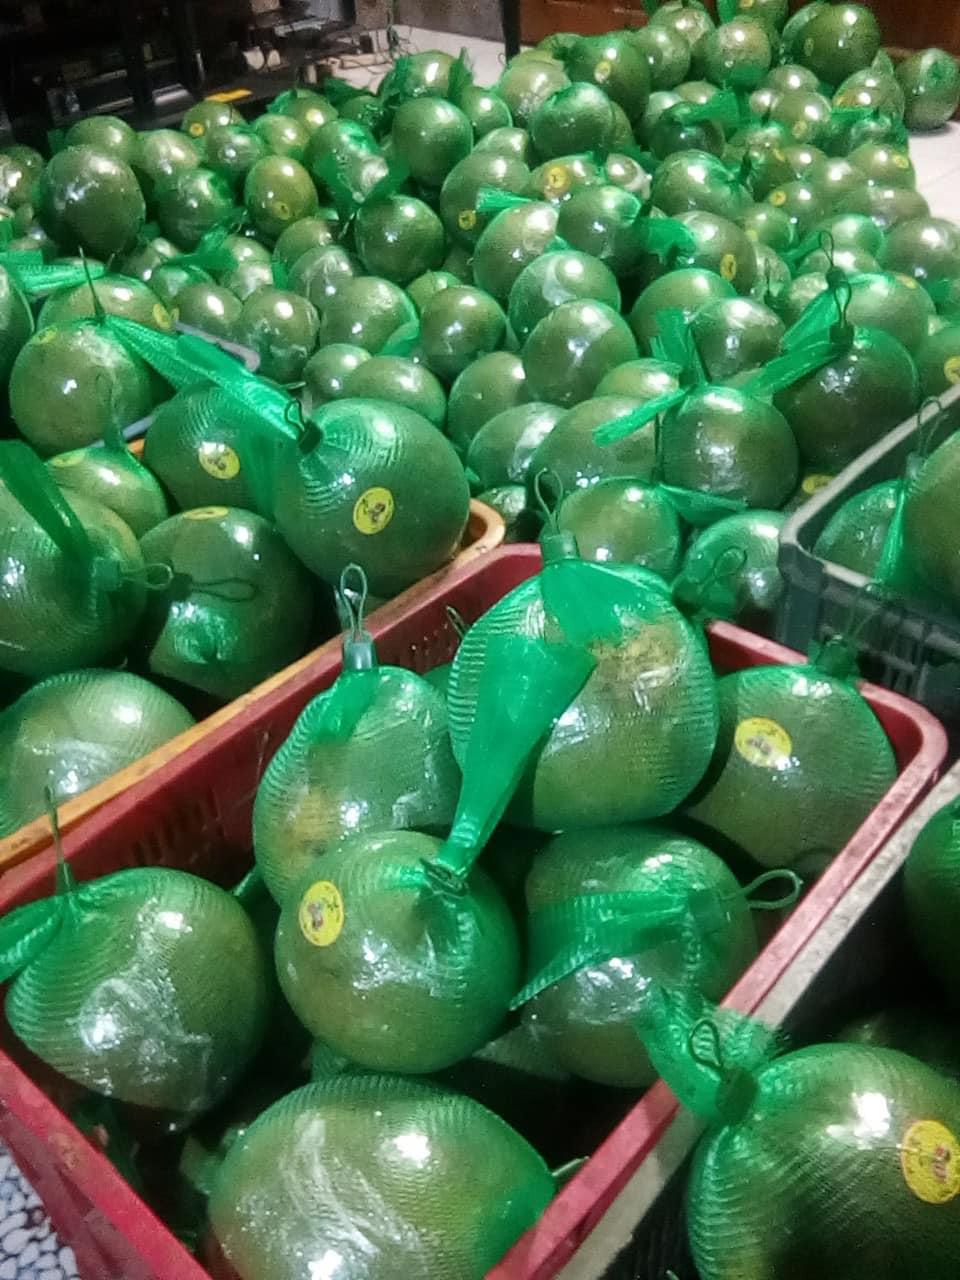 Bưởi da xanh giảm giá còn 30.000 đồng/kg vẫn ế sưng - Ảnh 5.